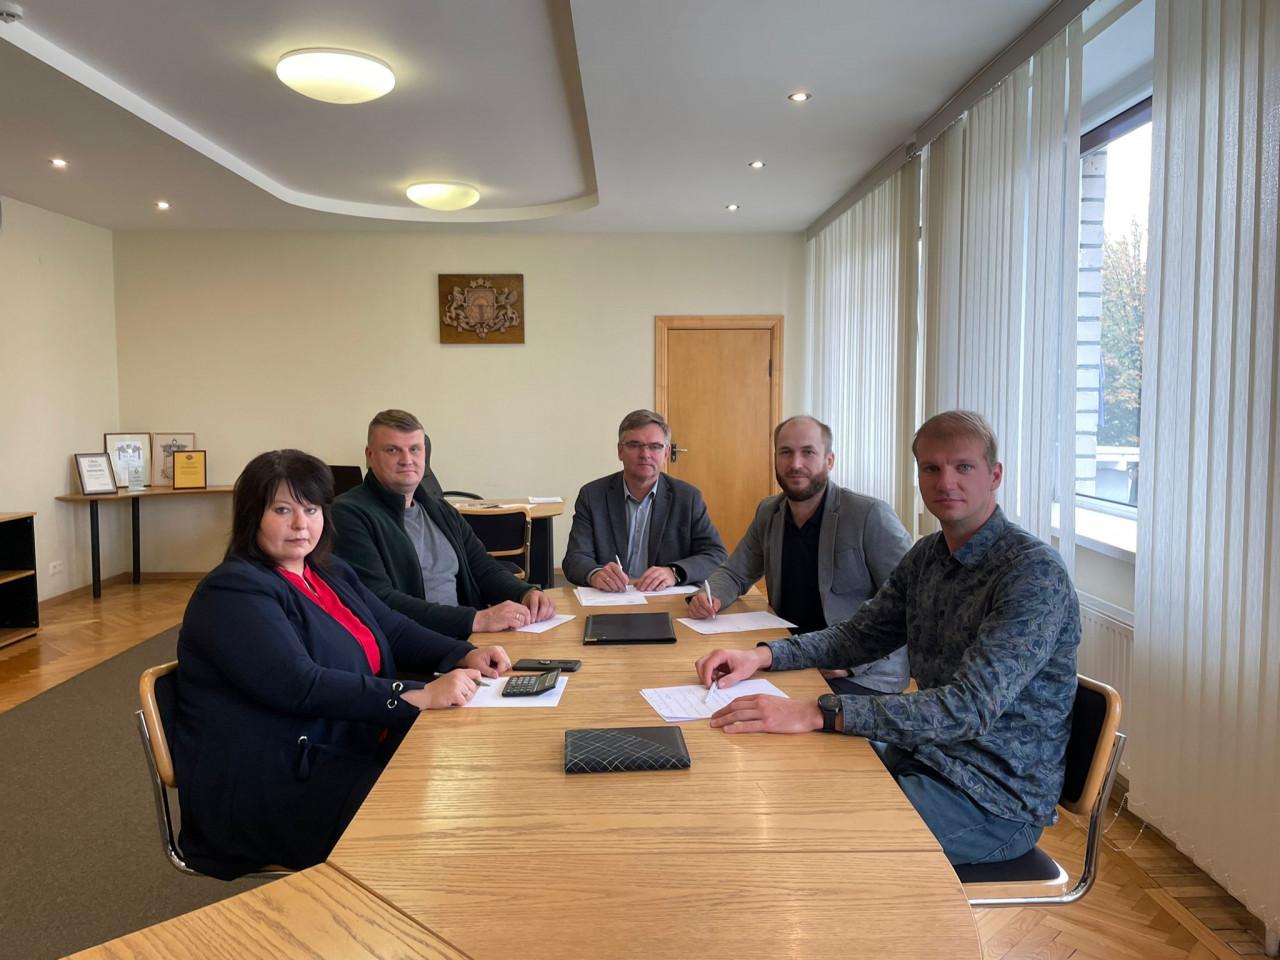 Turpinās Rēzeknes novada domes koalīcijas veidošanas sarunas